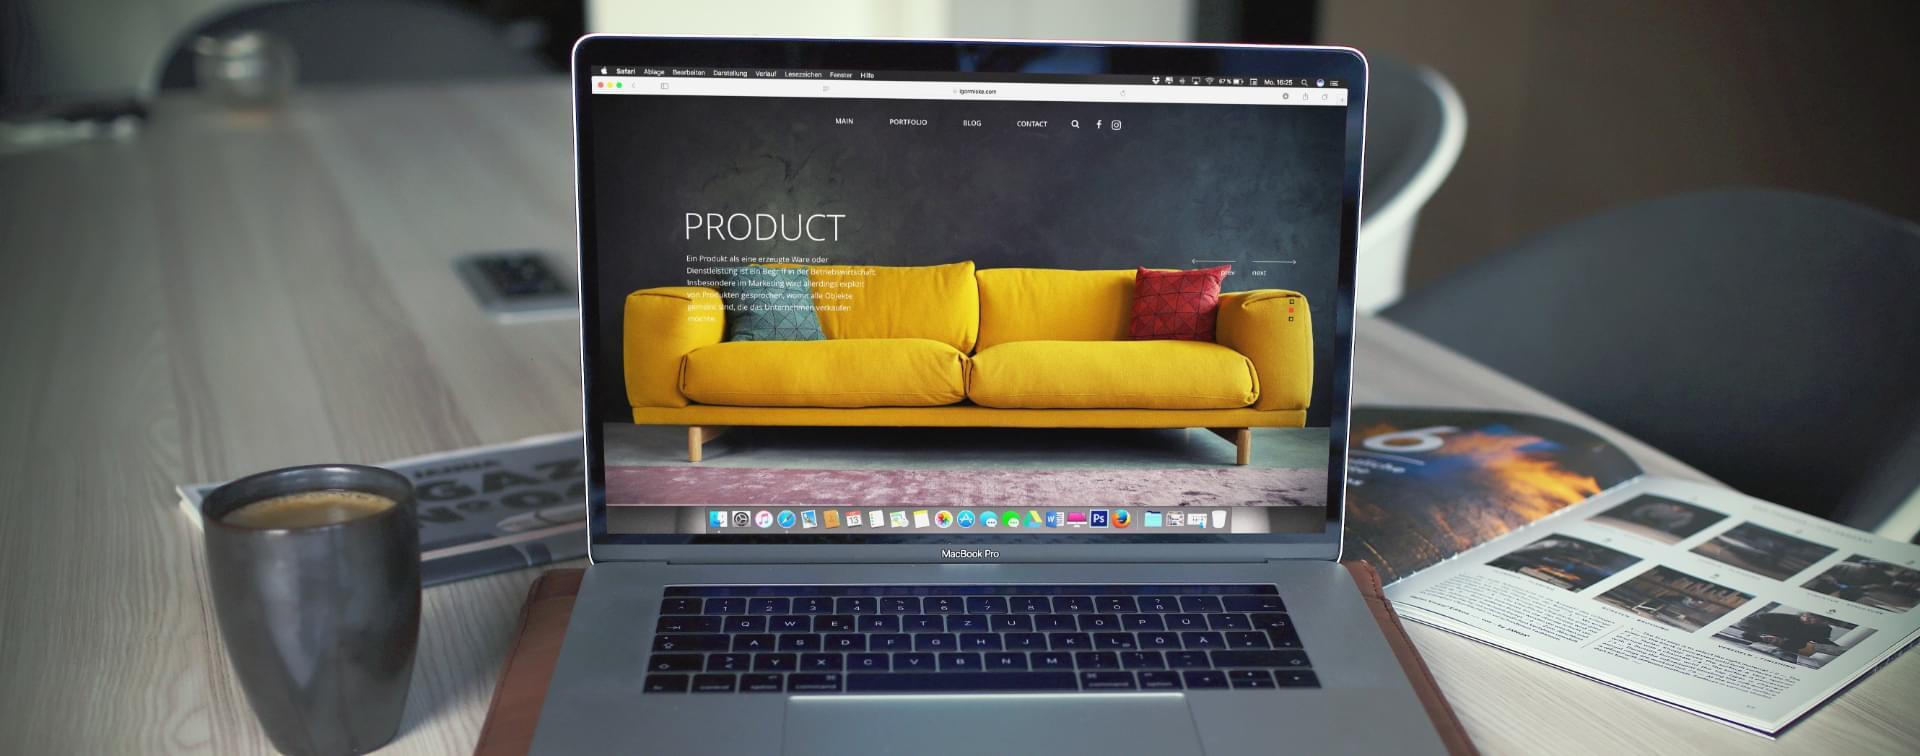 Conheça os nossos projetos!